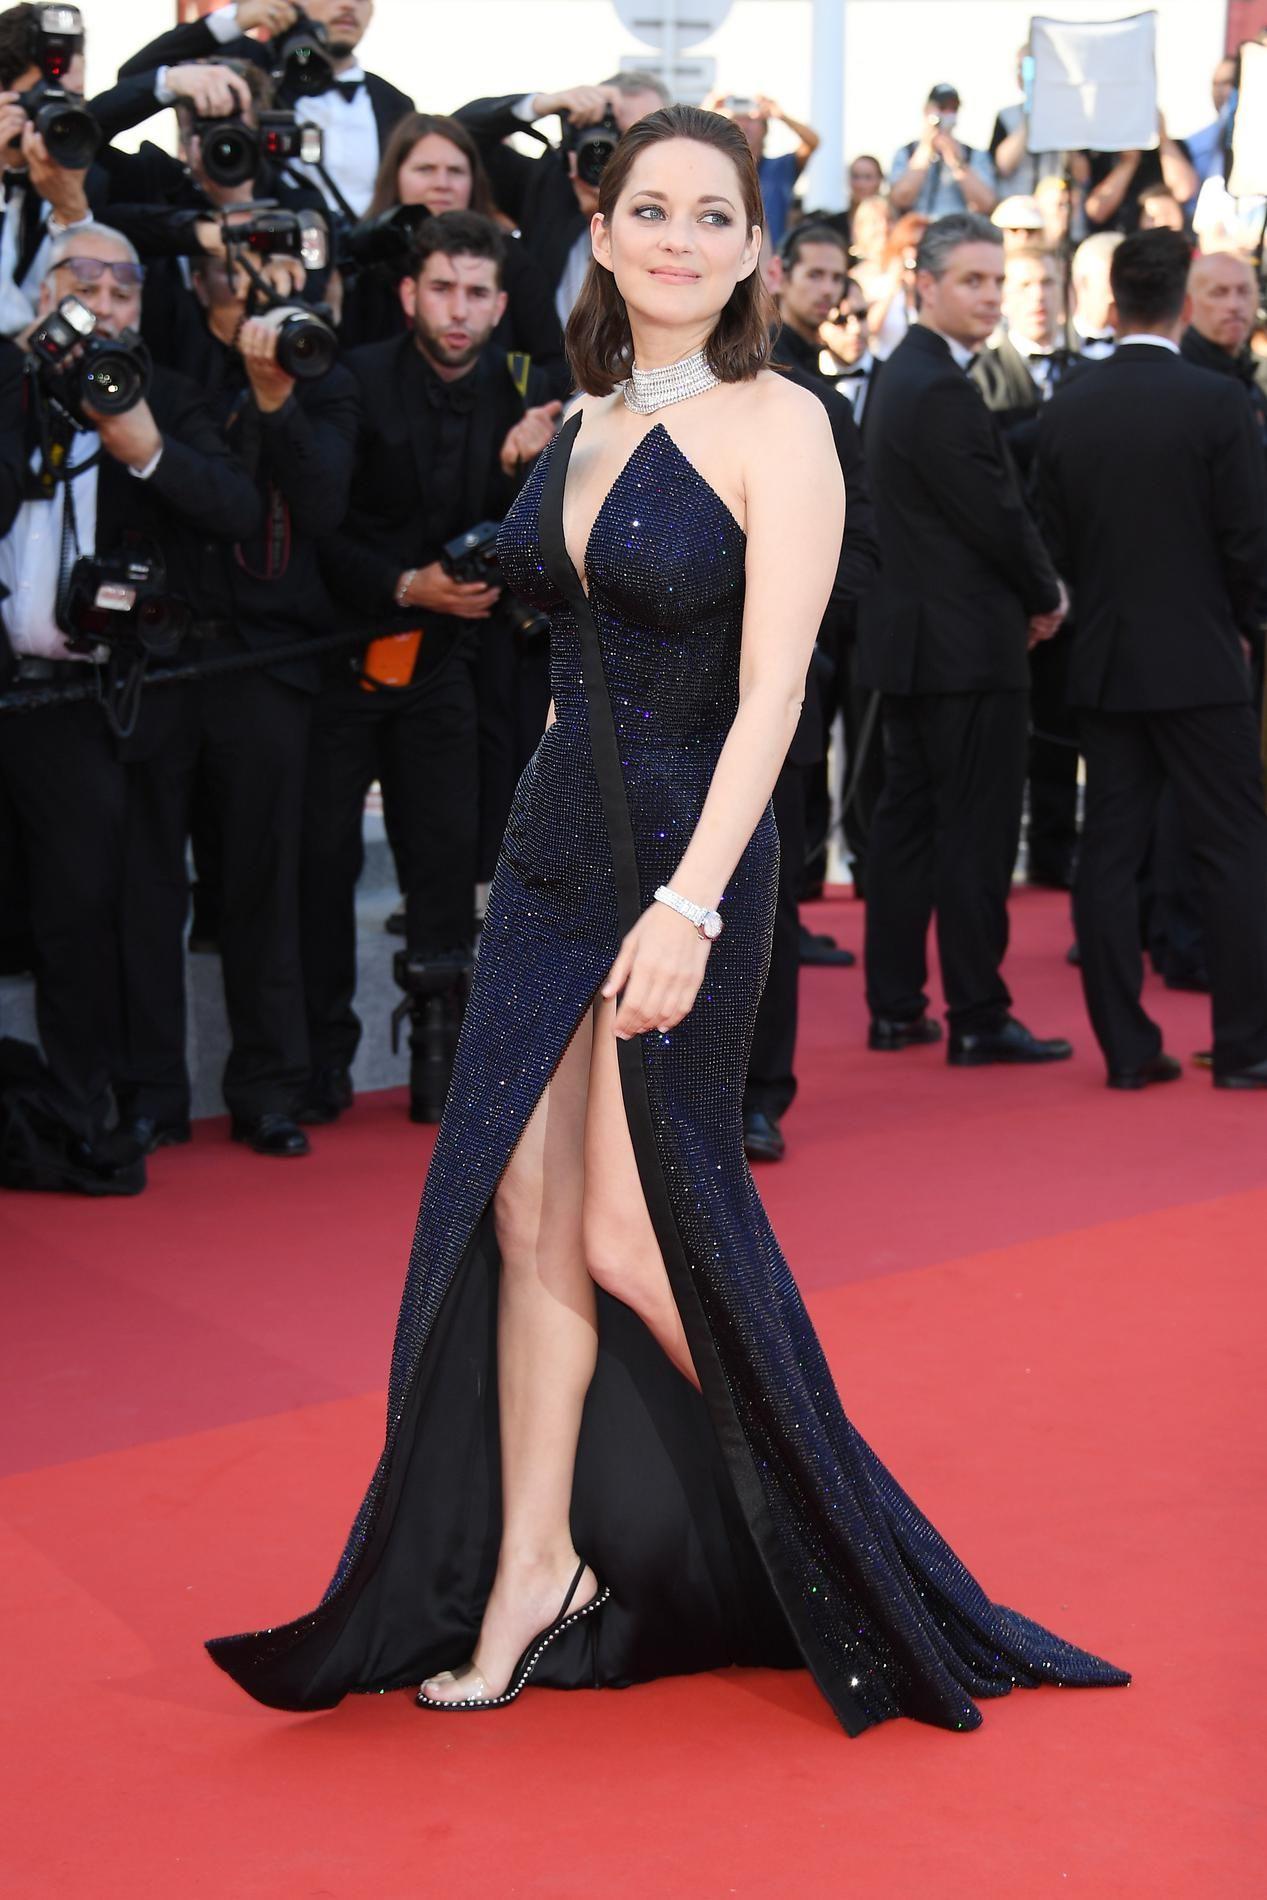 Cannes 2017 Marion Cotillard En Robe Fendue Sur Le Tapis Rouge